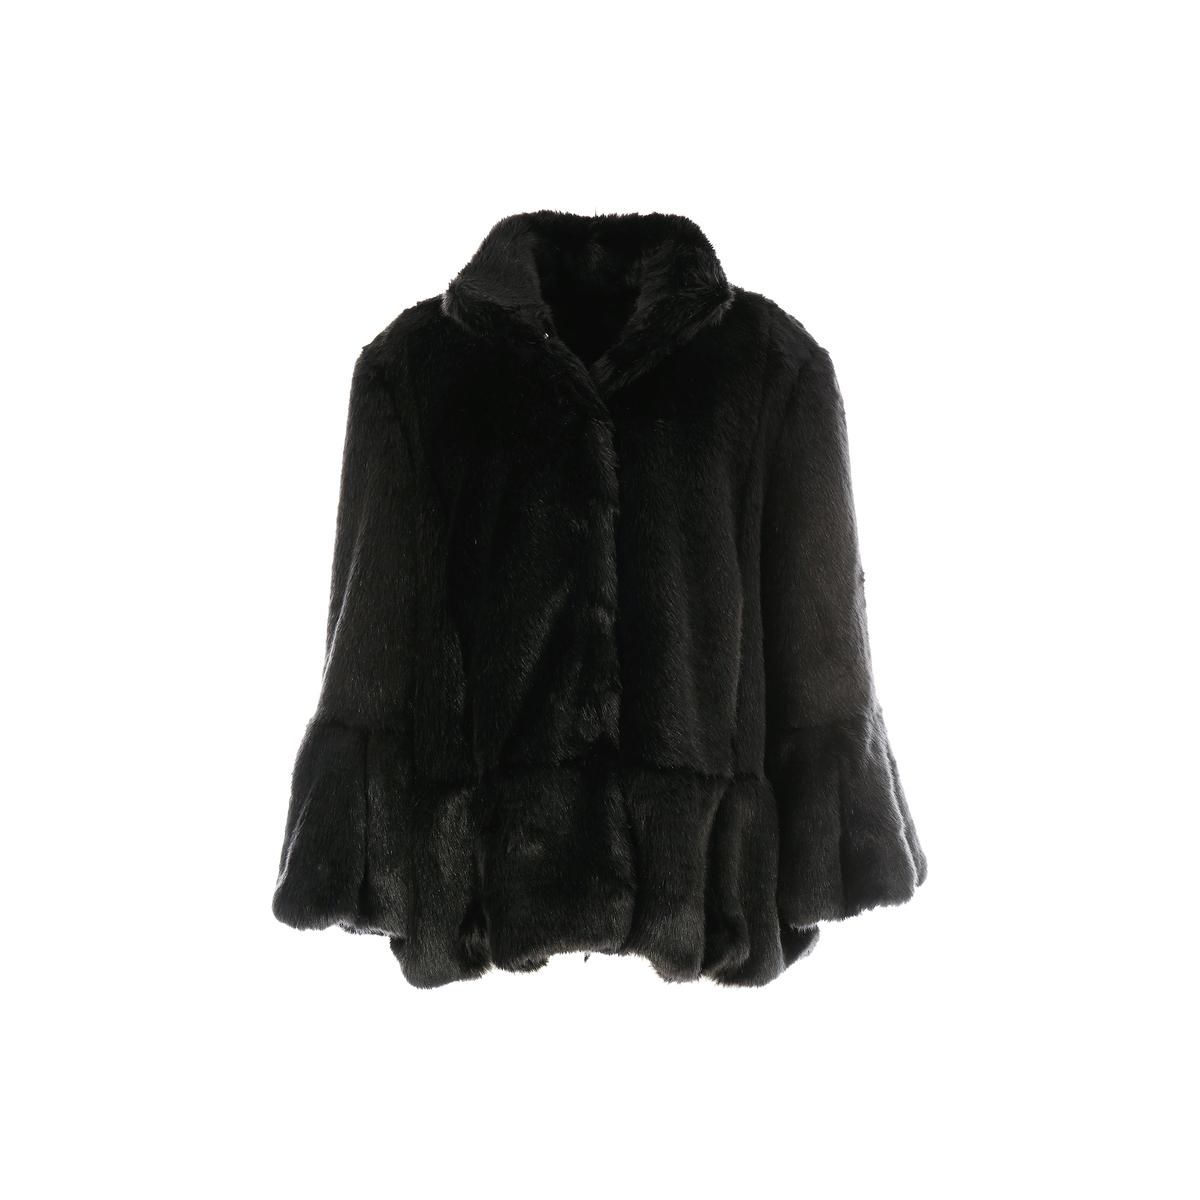 Пальто средней длины, зимняя модельДетали •  Длина  : средняя  •  Воротник-стойка •  Застежка на кнопки Состав и уход •  100% акрил  •  Следуйте советам по уходу, указанным на этикетке<br><br>Цвет: черный<br>Размер: L